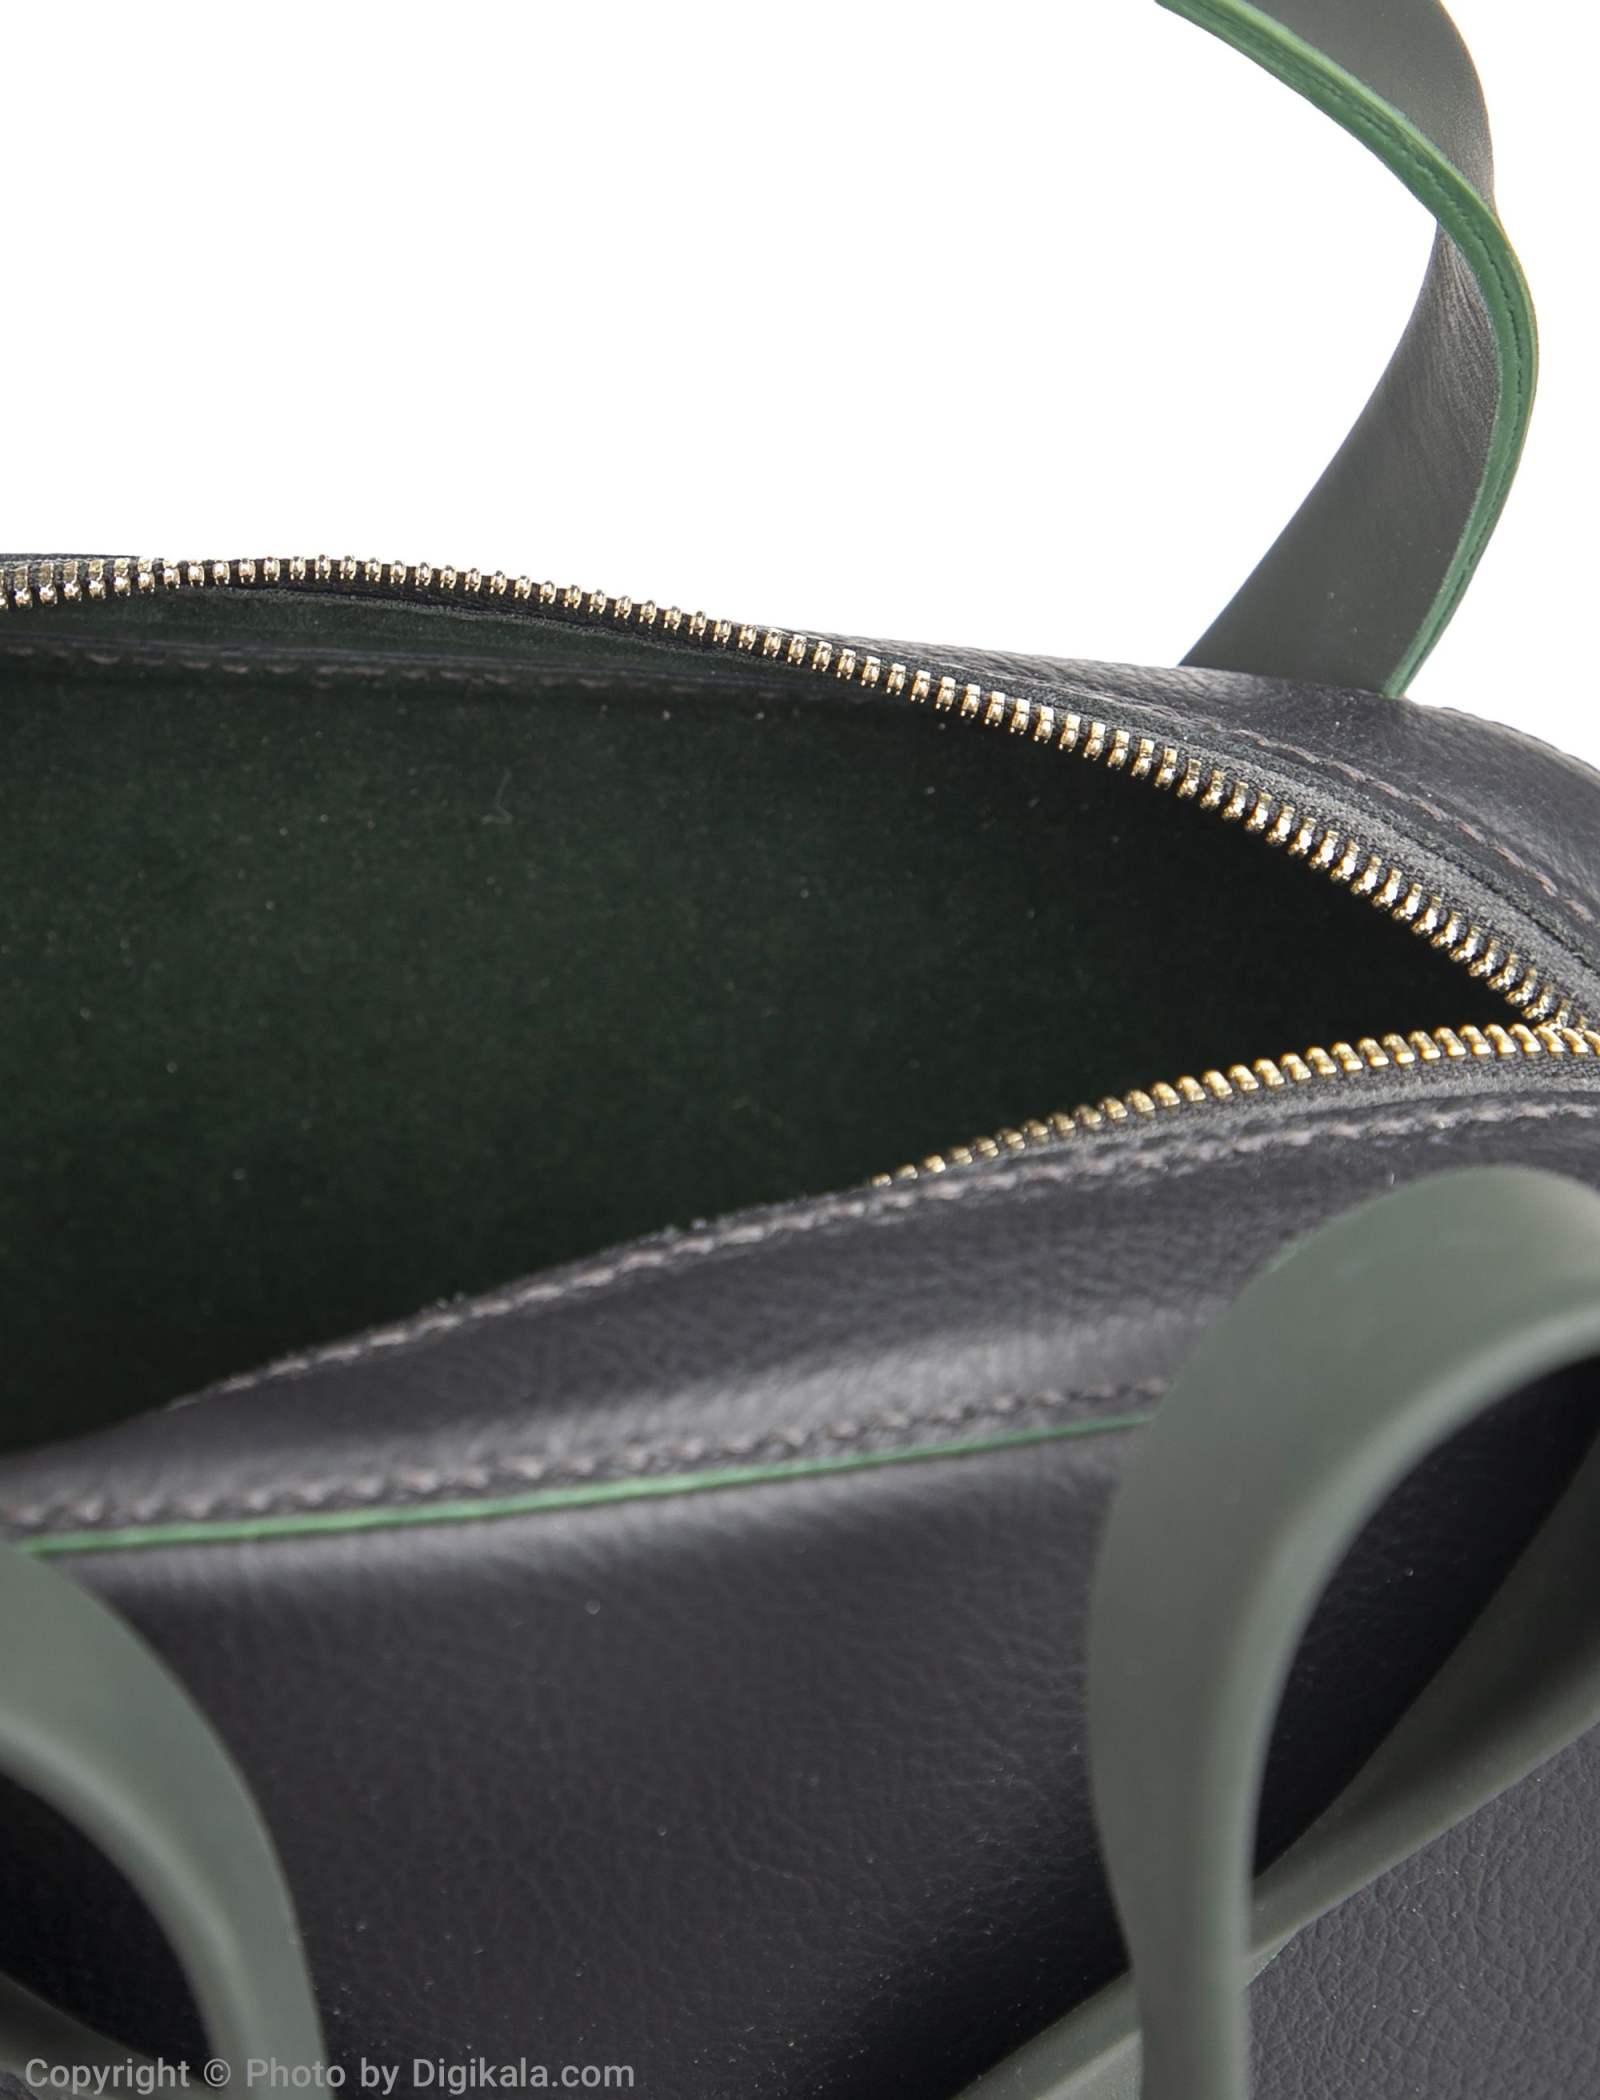 کیف دستی زنانه دیو مدل 1573100-99 -  - 8